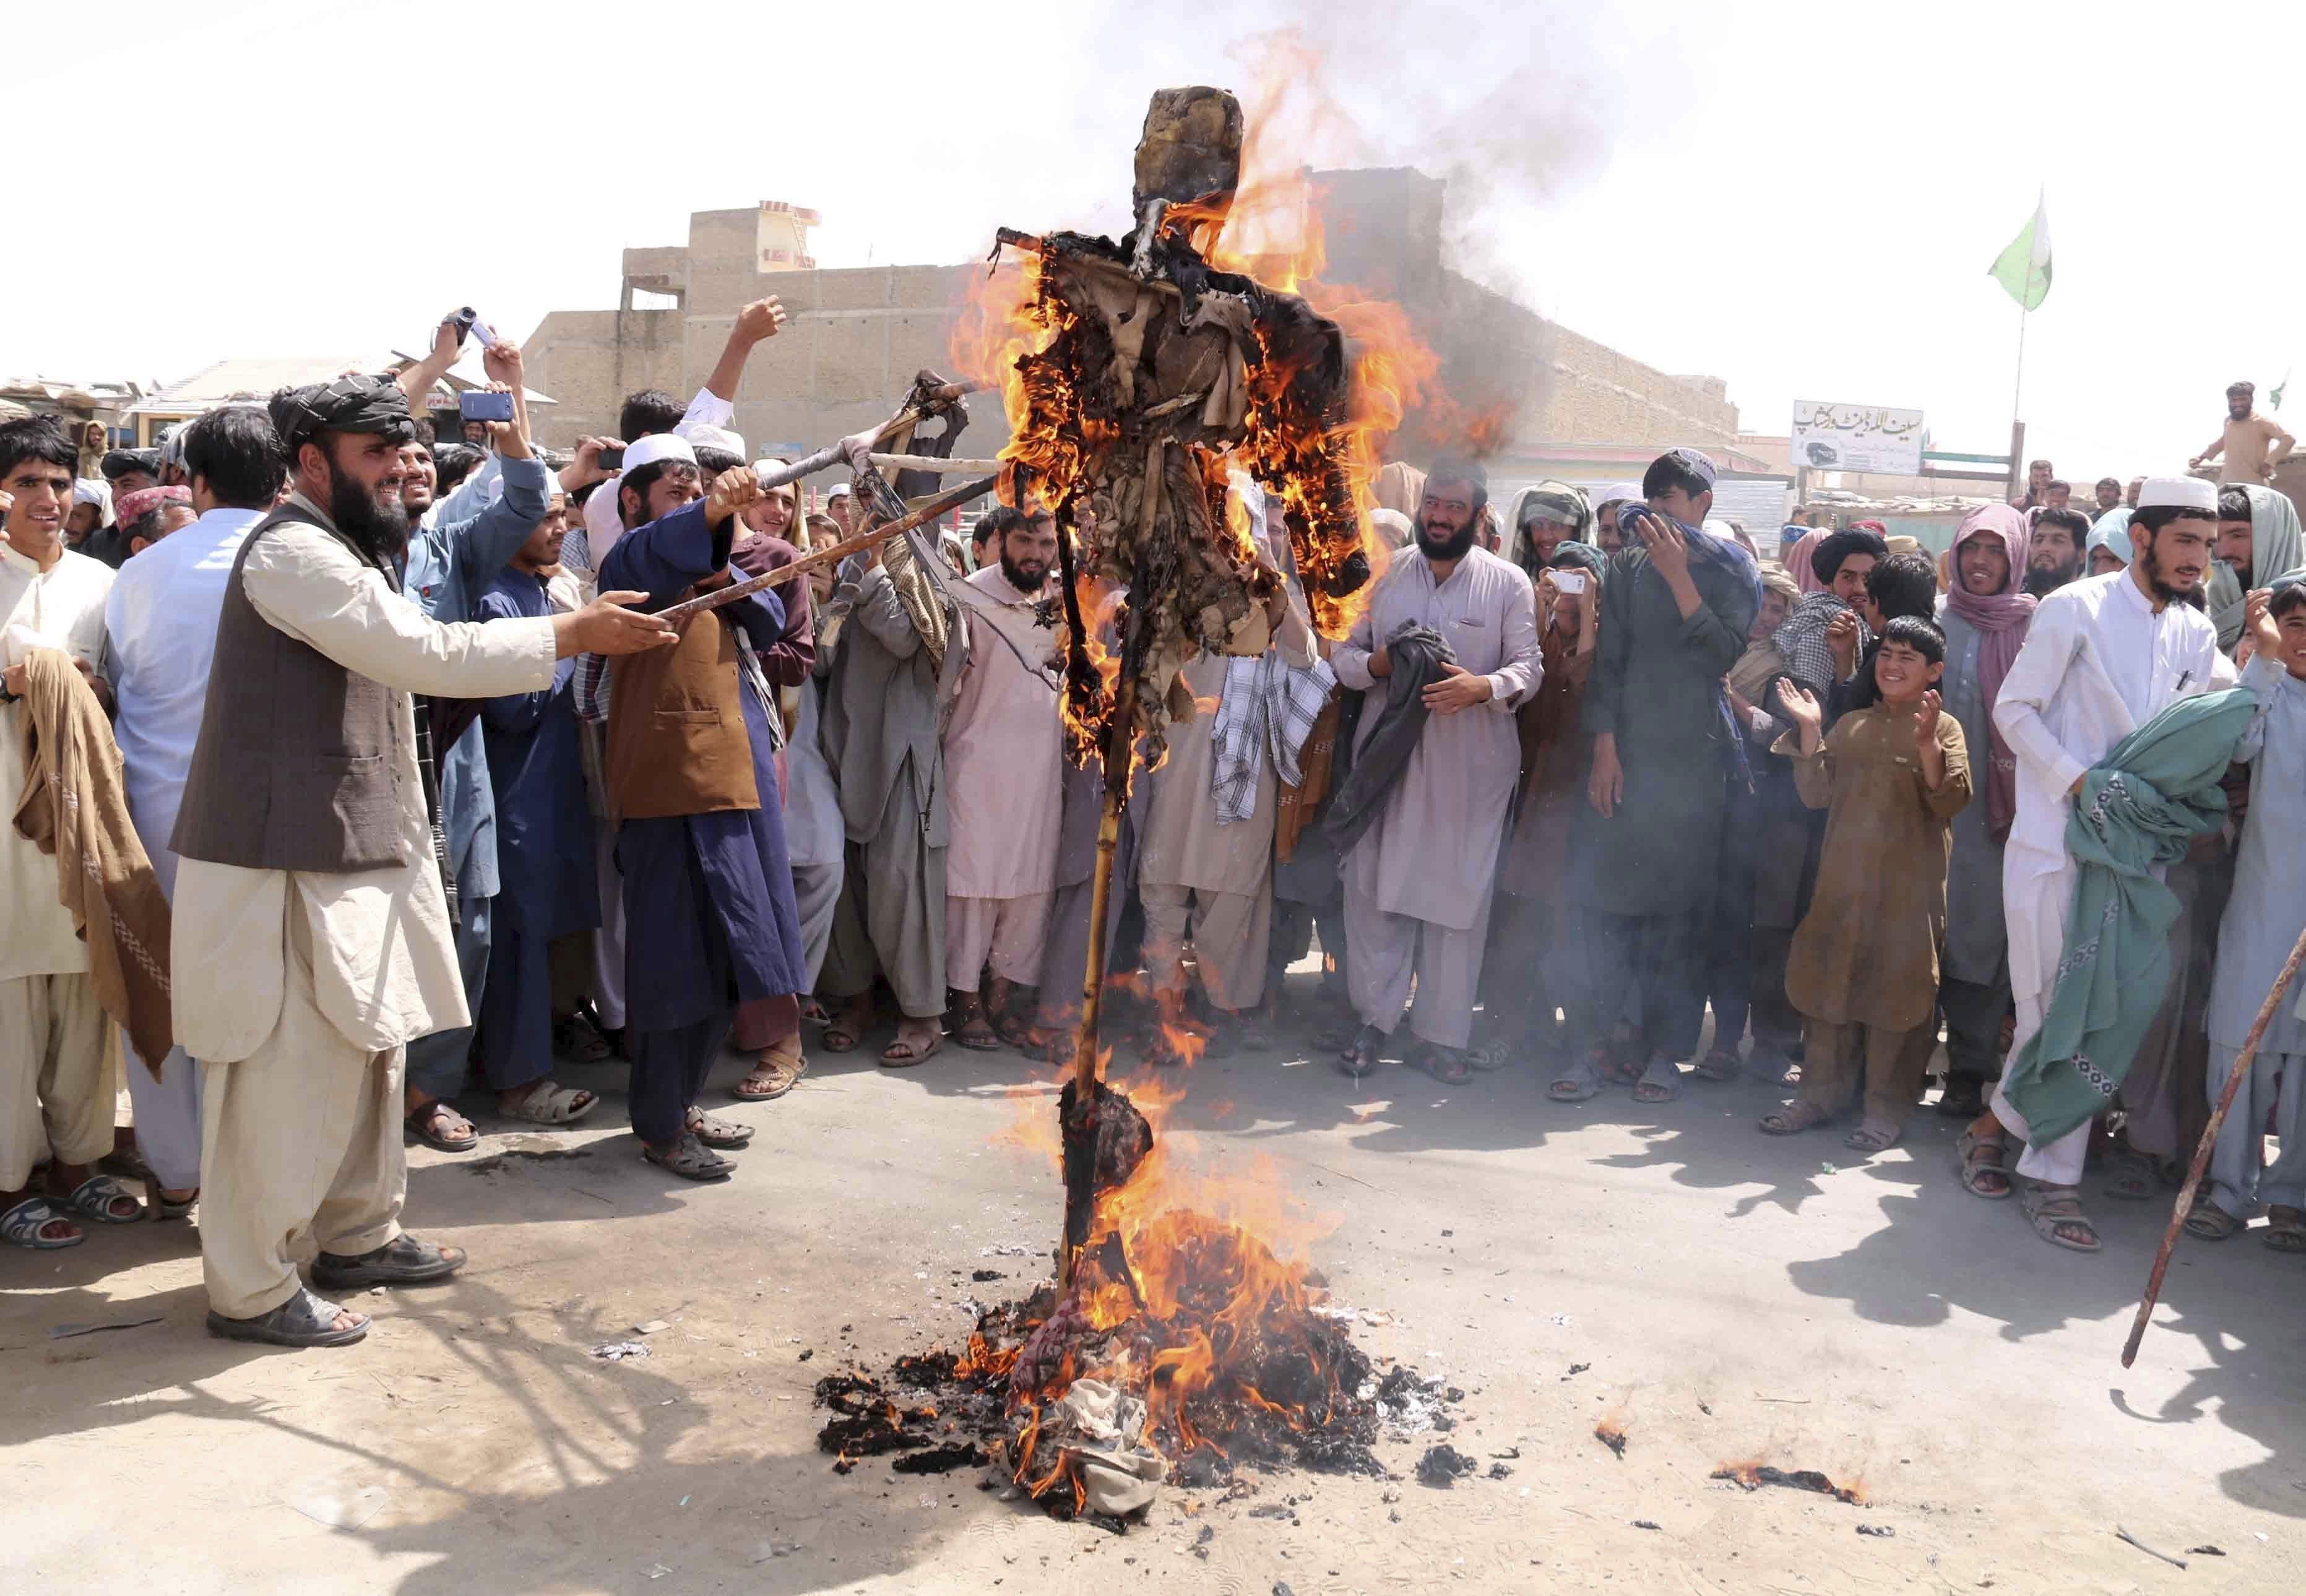 Diverses persones cremen una efígie amb la forma del president nord-americà, Donald Trump, prop de la frontera afganesa en Chaman (Pakistan). /AKHTER GULFAM